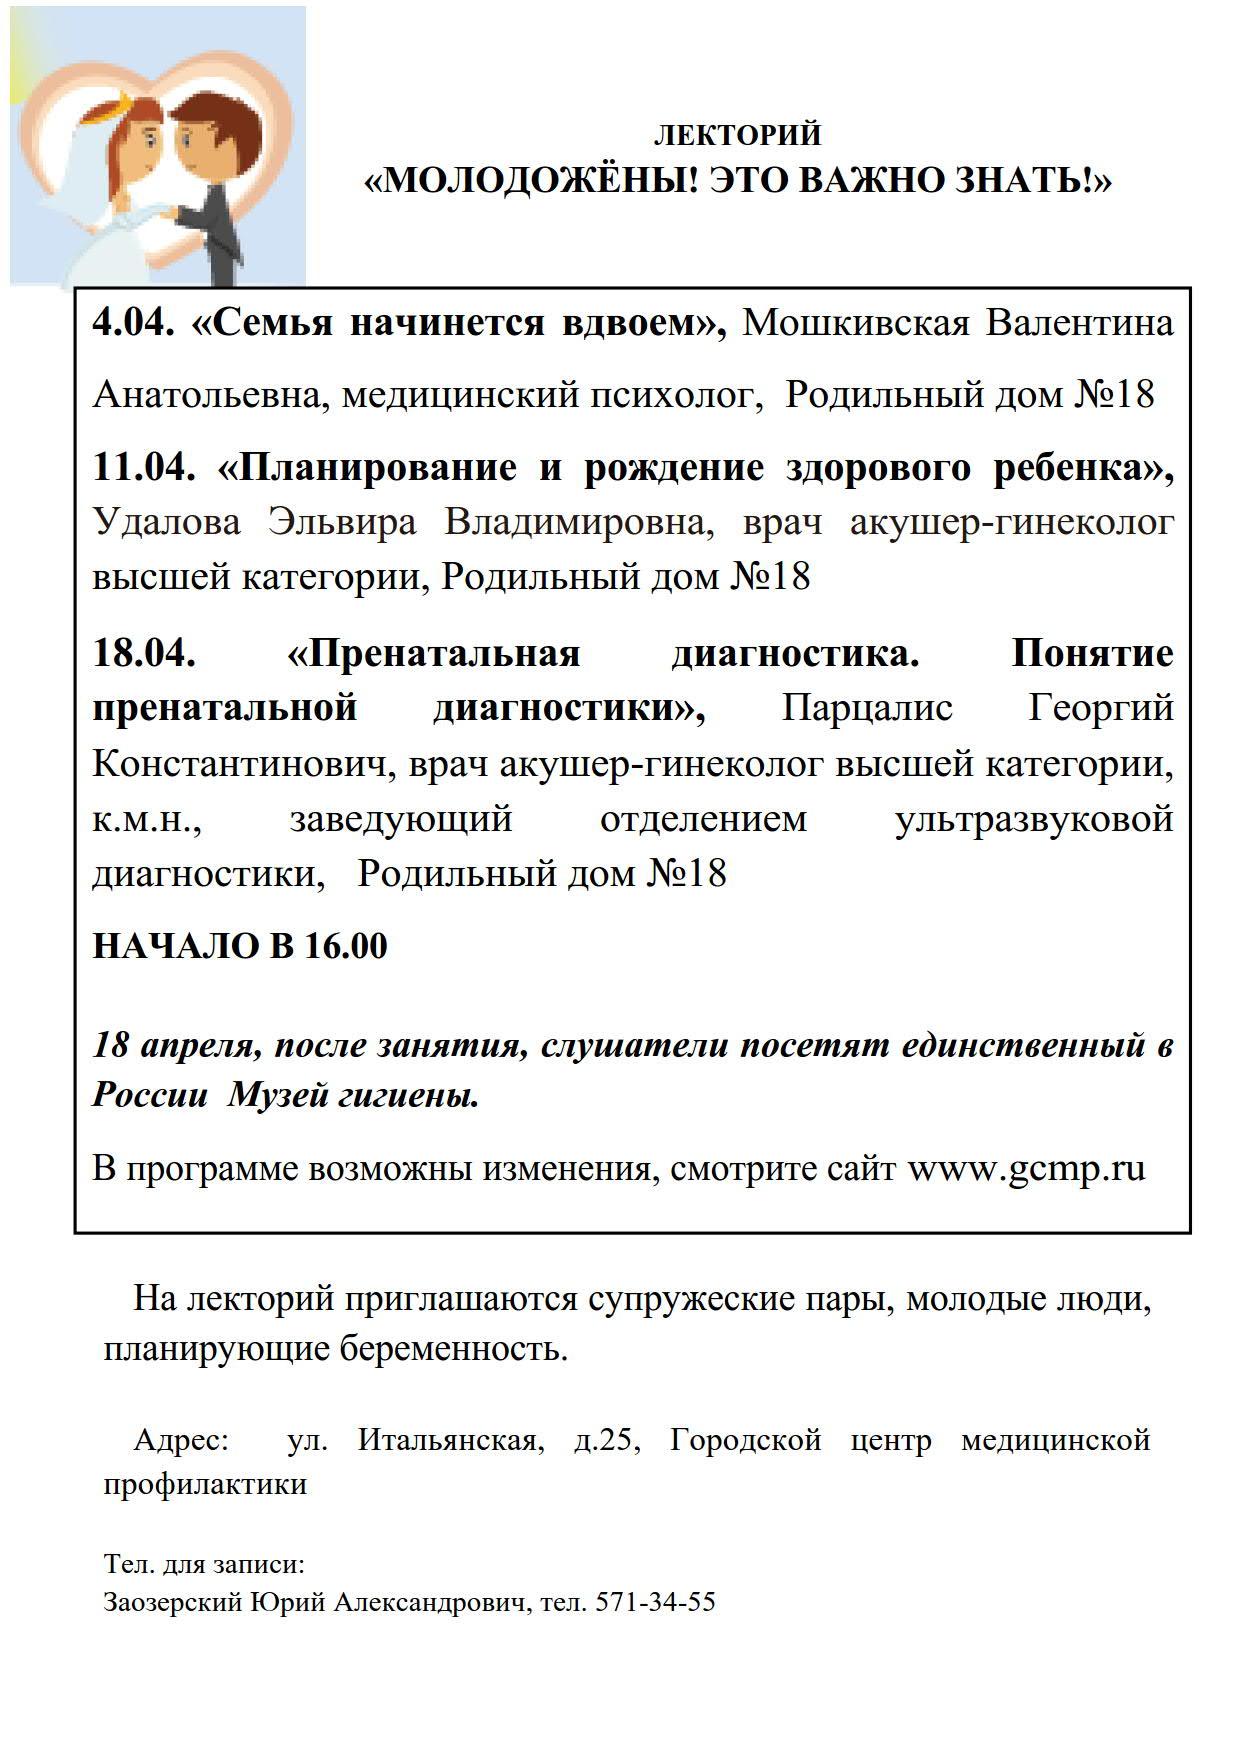 Программа Лекторий апрель_1